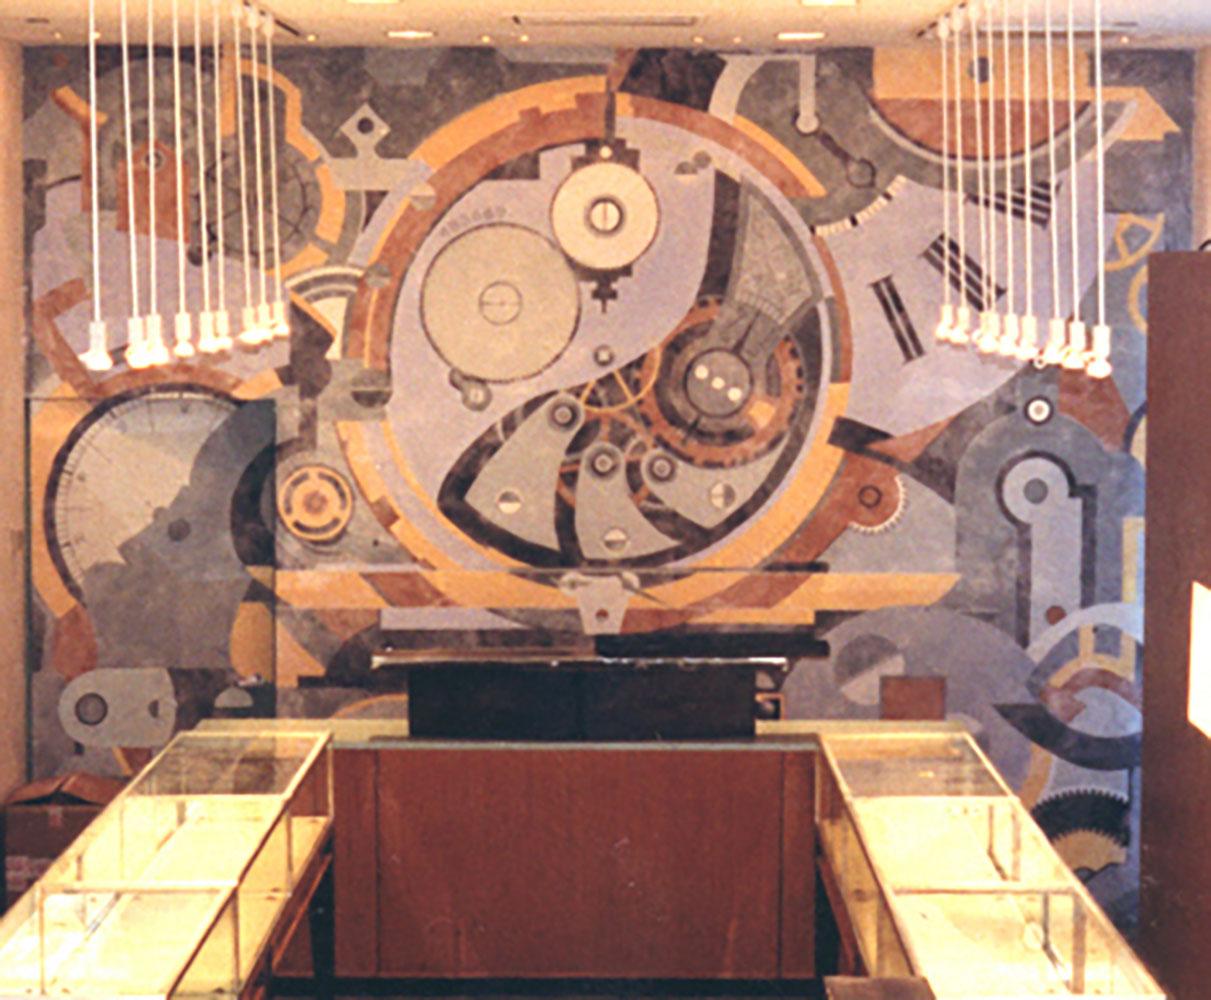 Clock Mural